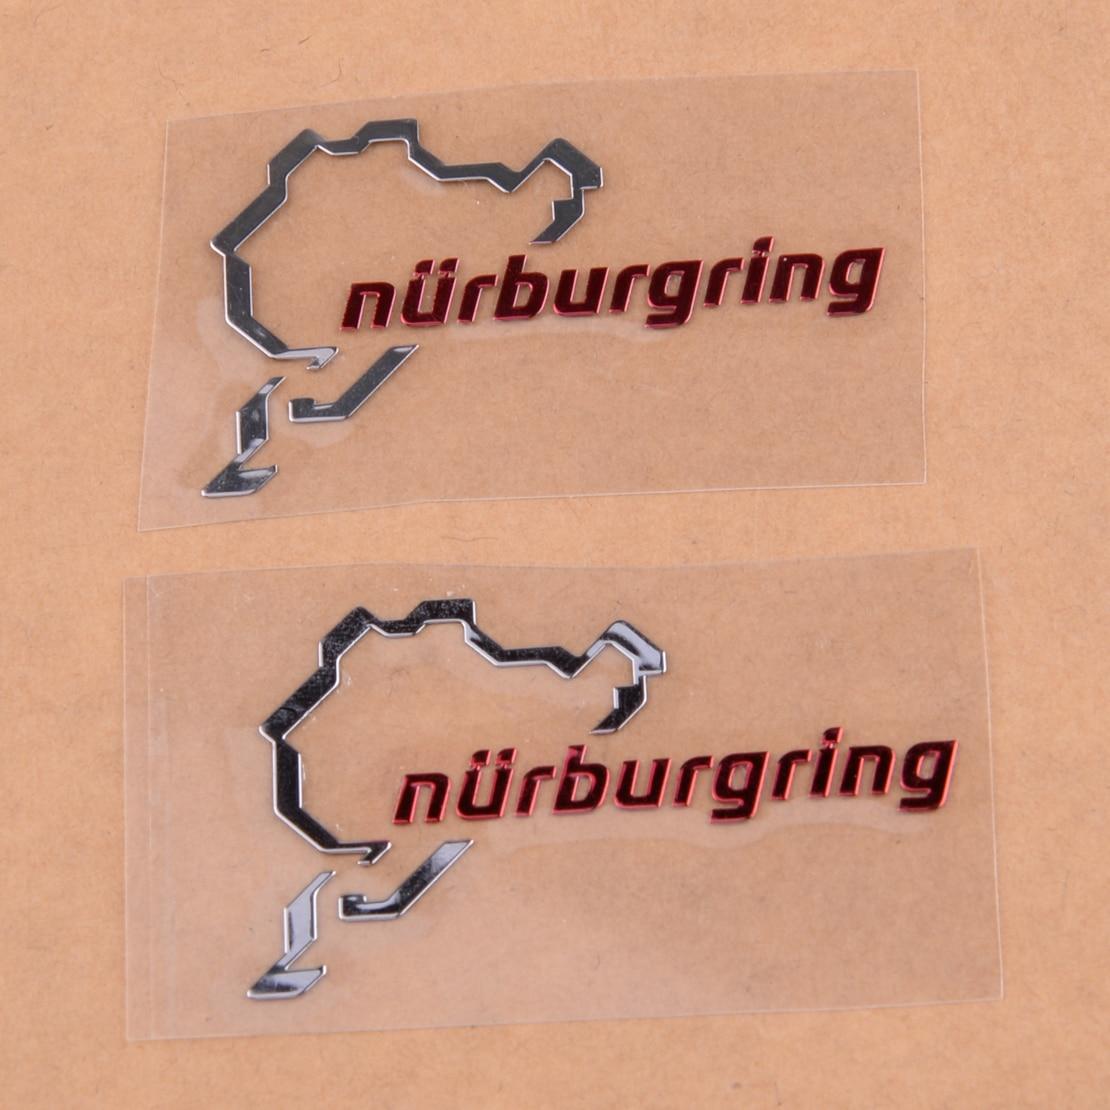 beler 2pcs Polished Chrome Nurburgring Motor Sport Car Emblem Sticker Decal Logo Accessories